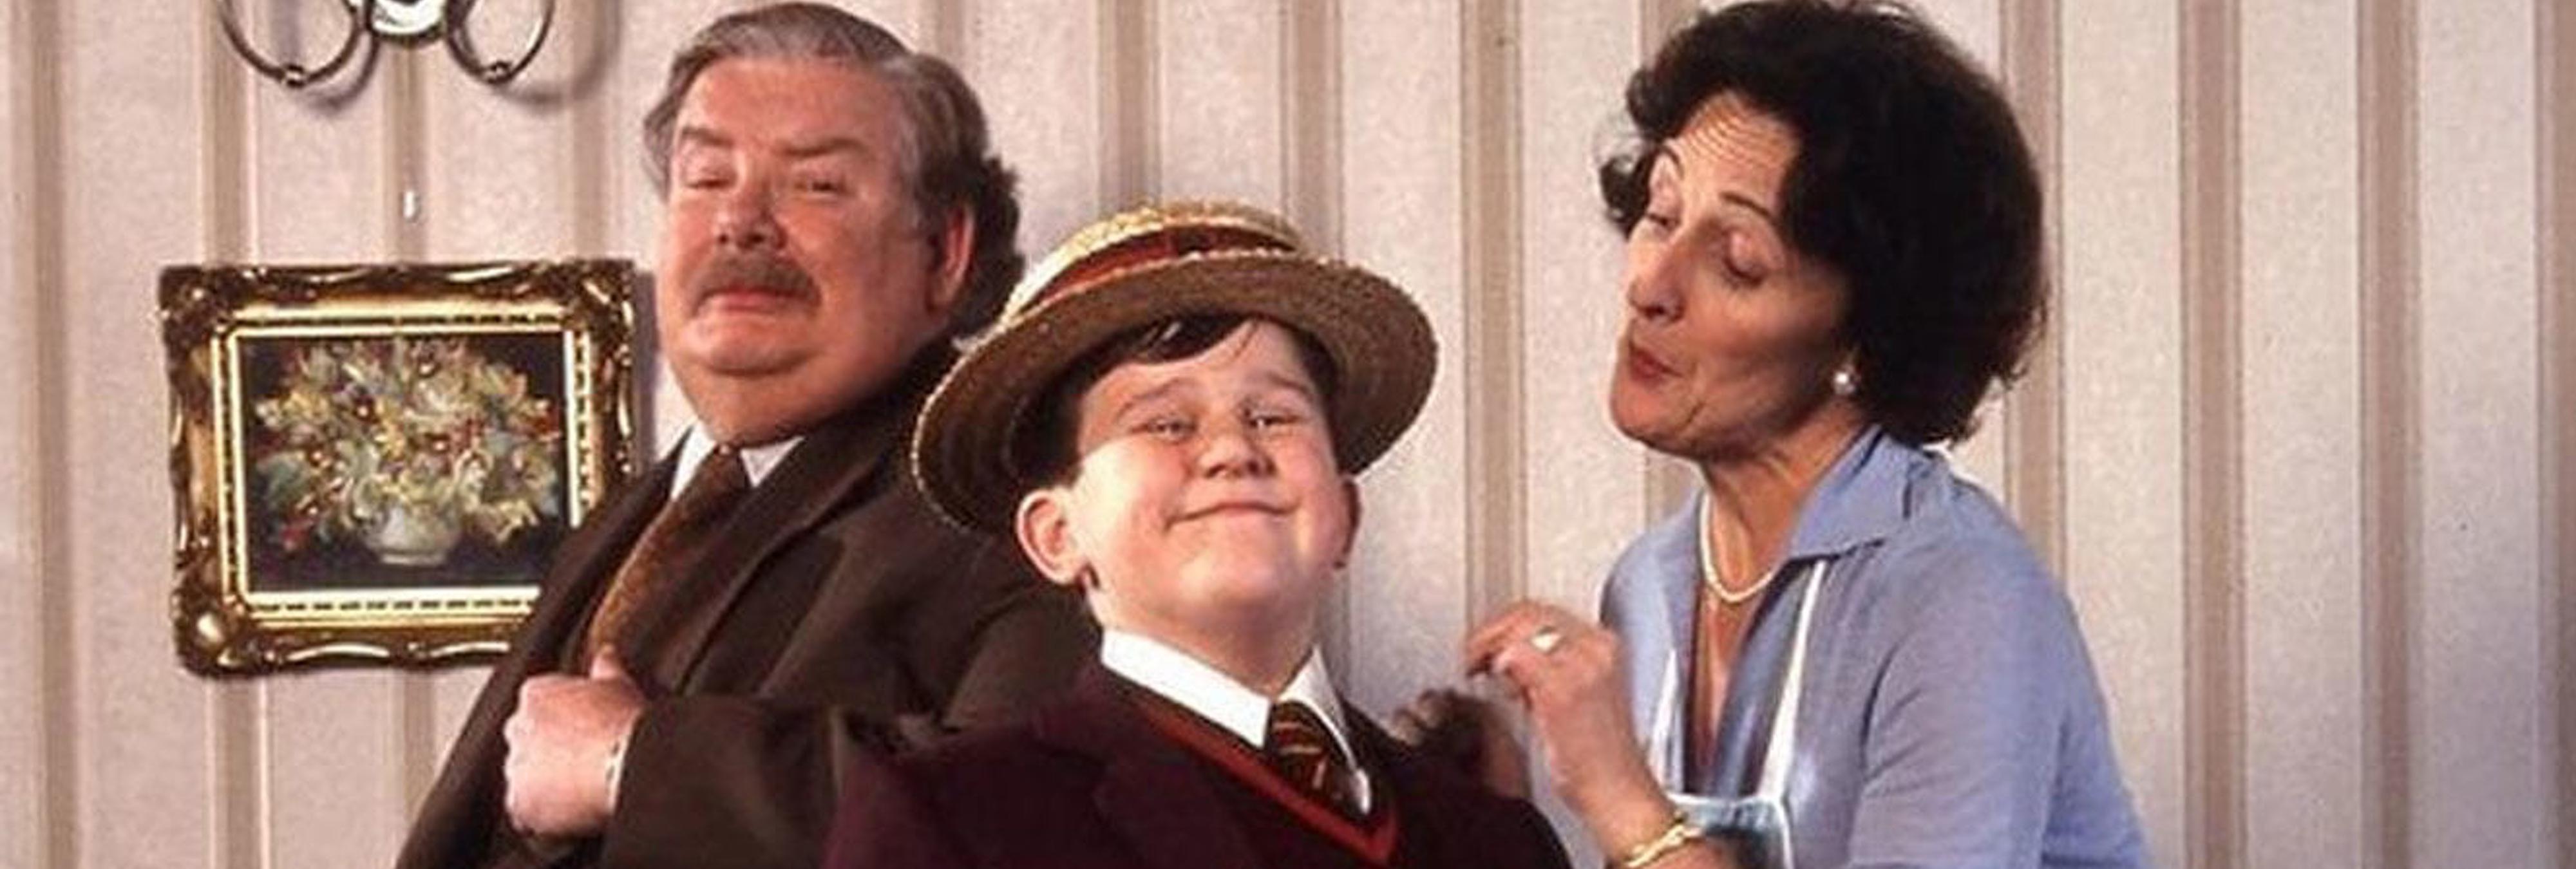 La tía Petunia de Harry Potter podría no ser muggle, según esta teoría